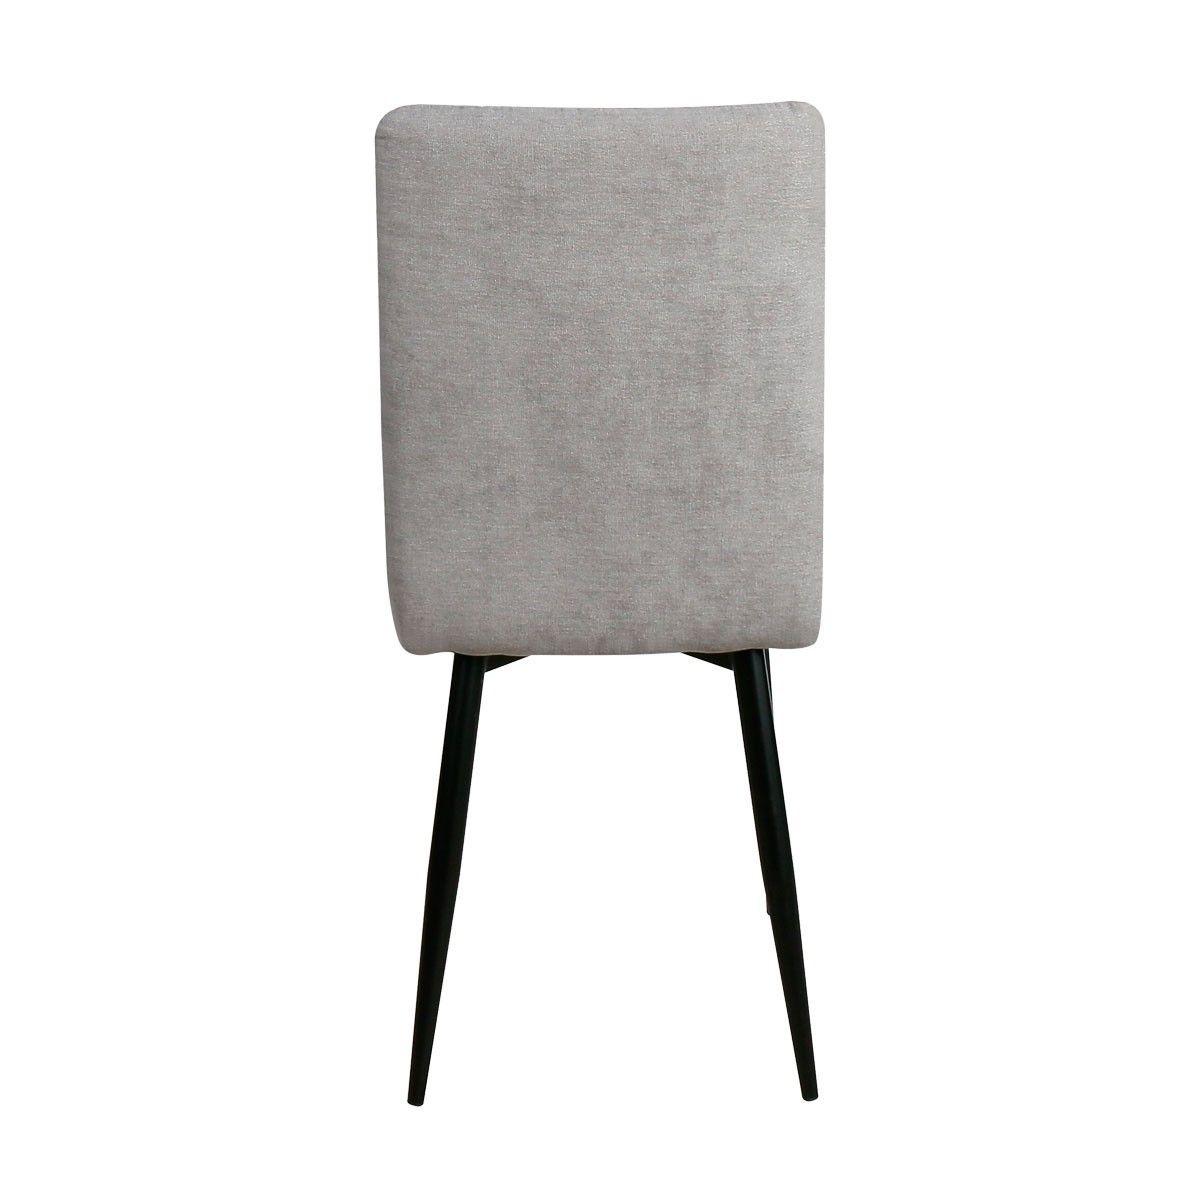 Silla comedor barata Nilo tapizada en gris | Caja 4 unidades